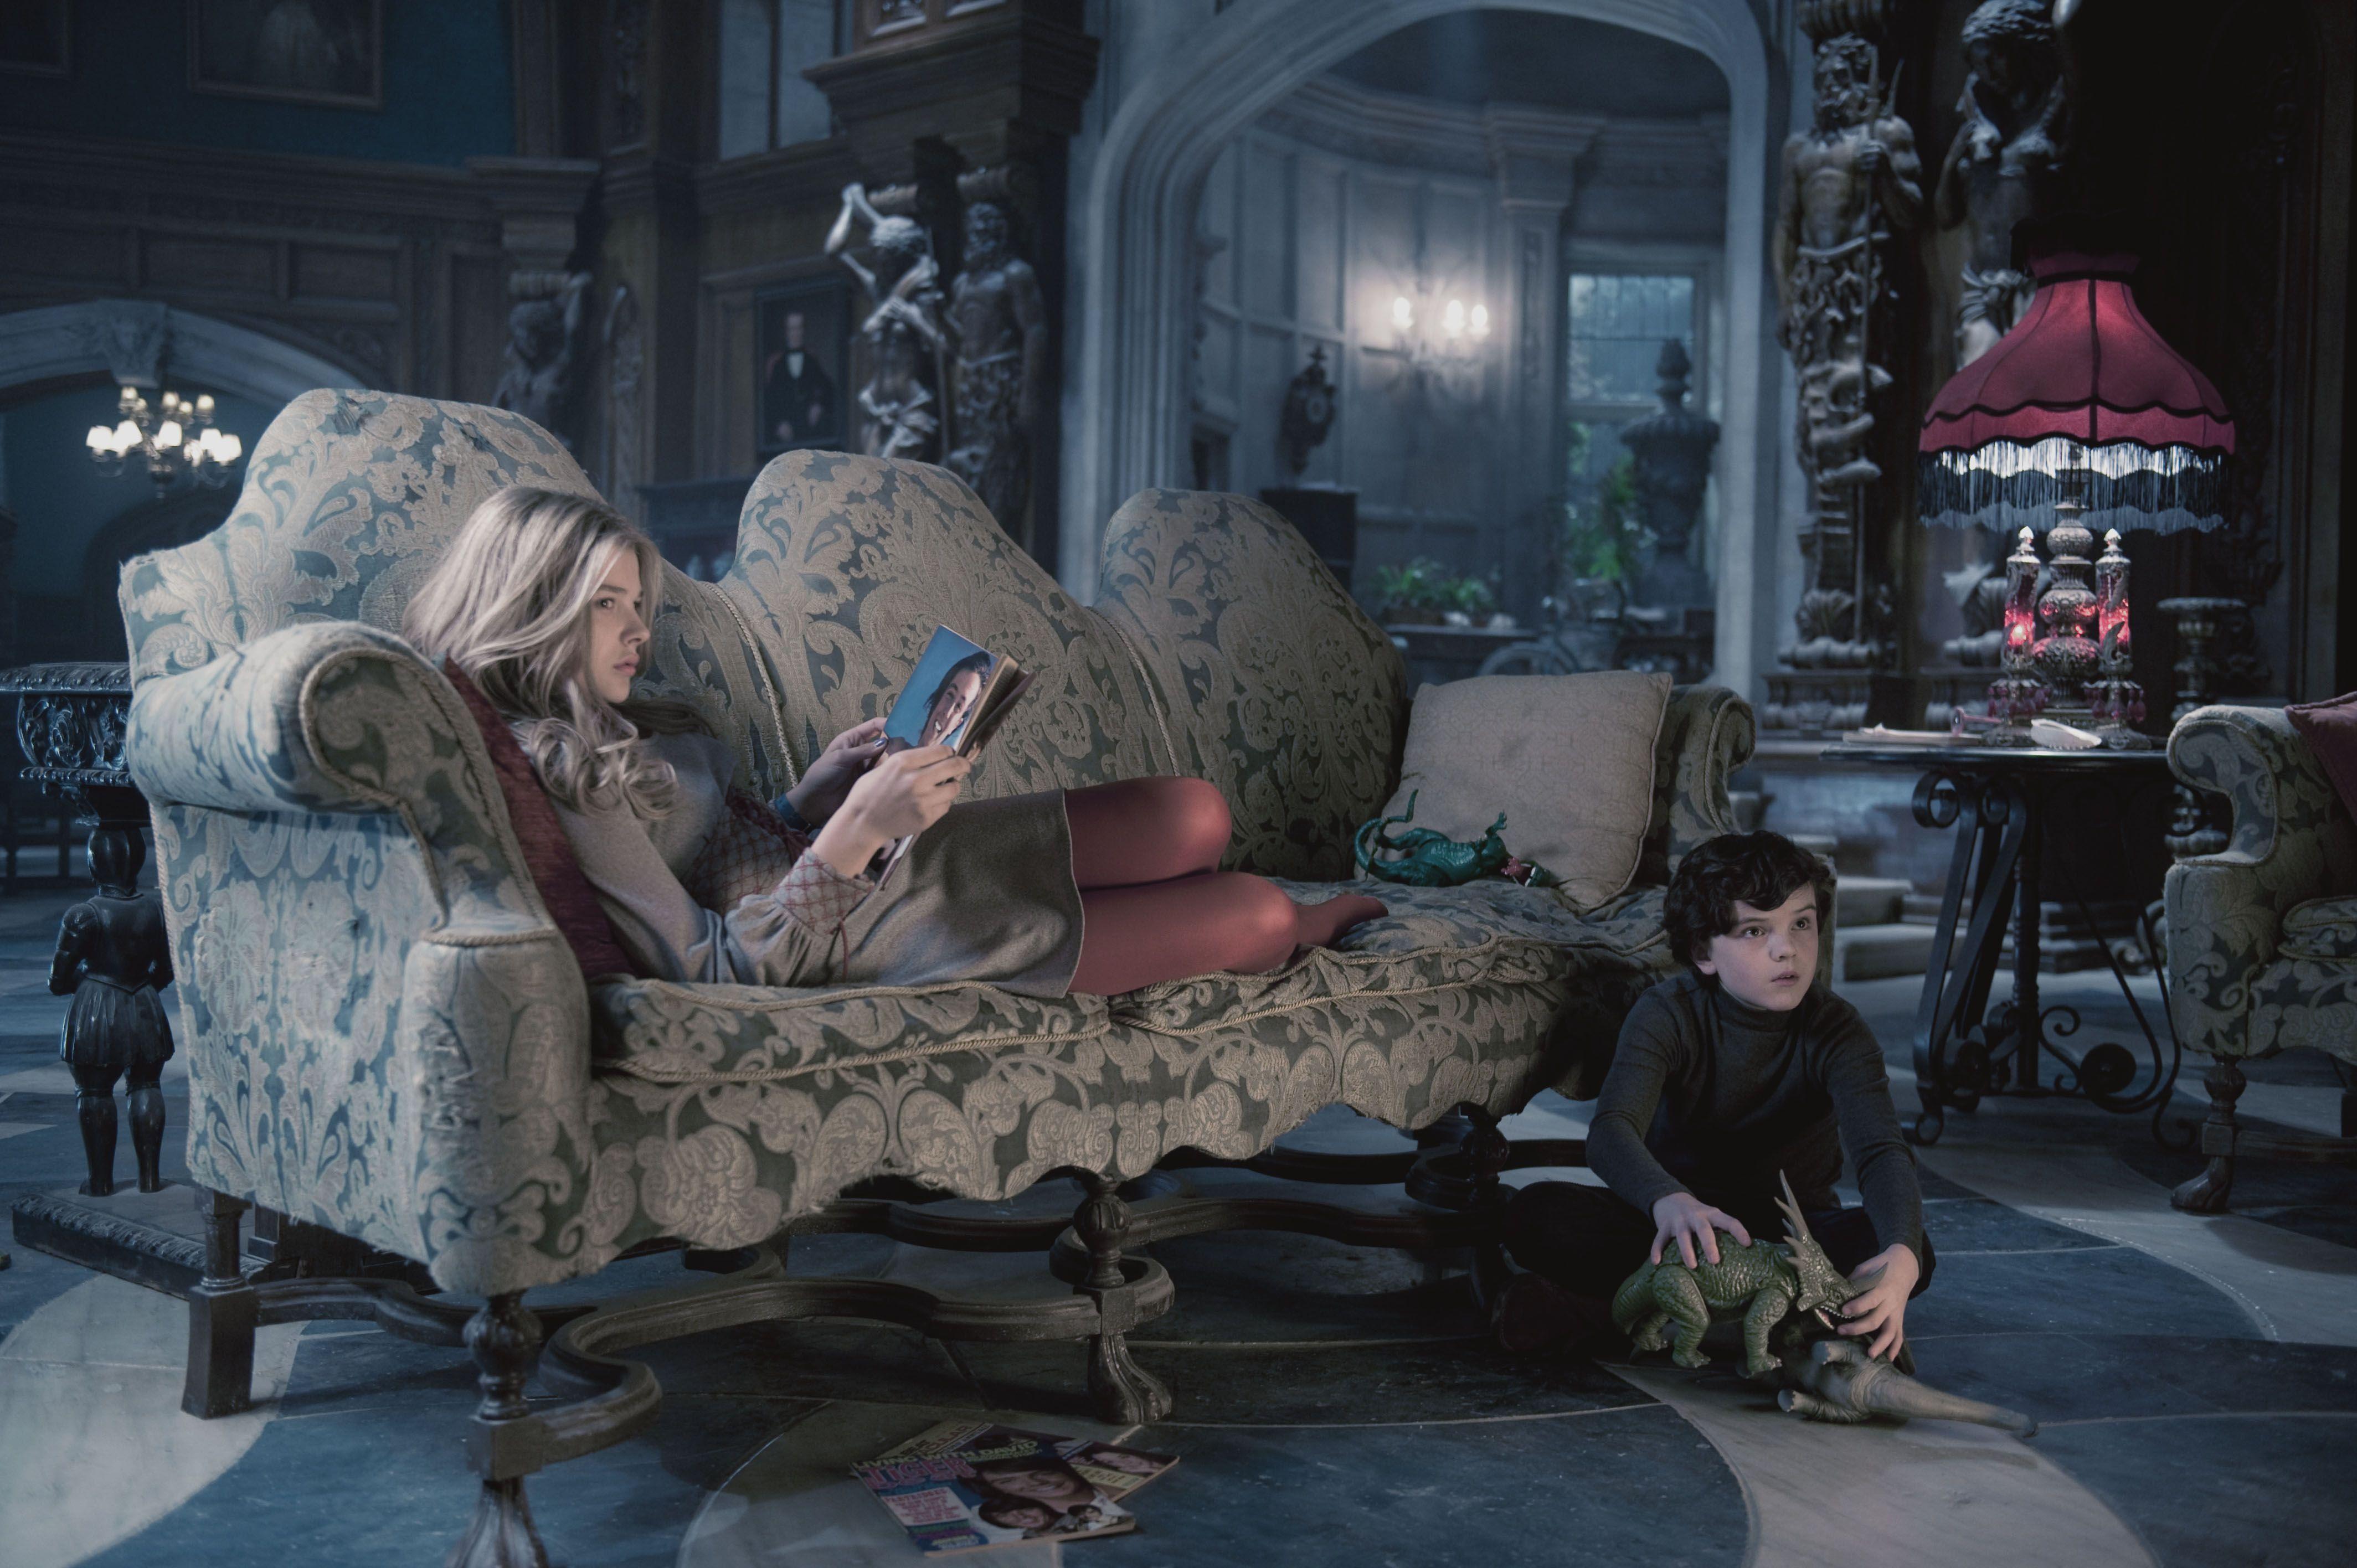 Dark Shadows Movie Images Featuring Johnny Depp Collider